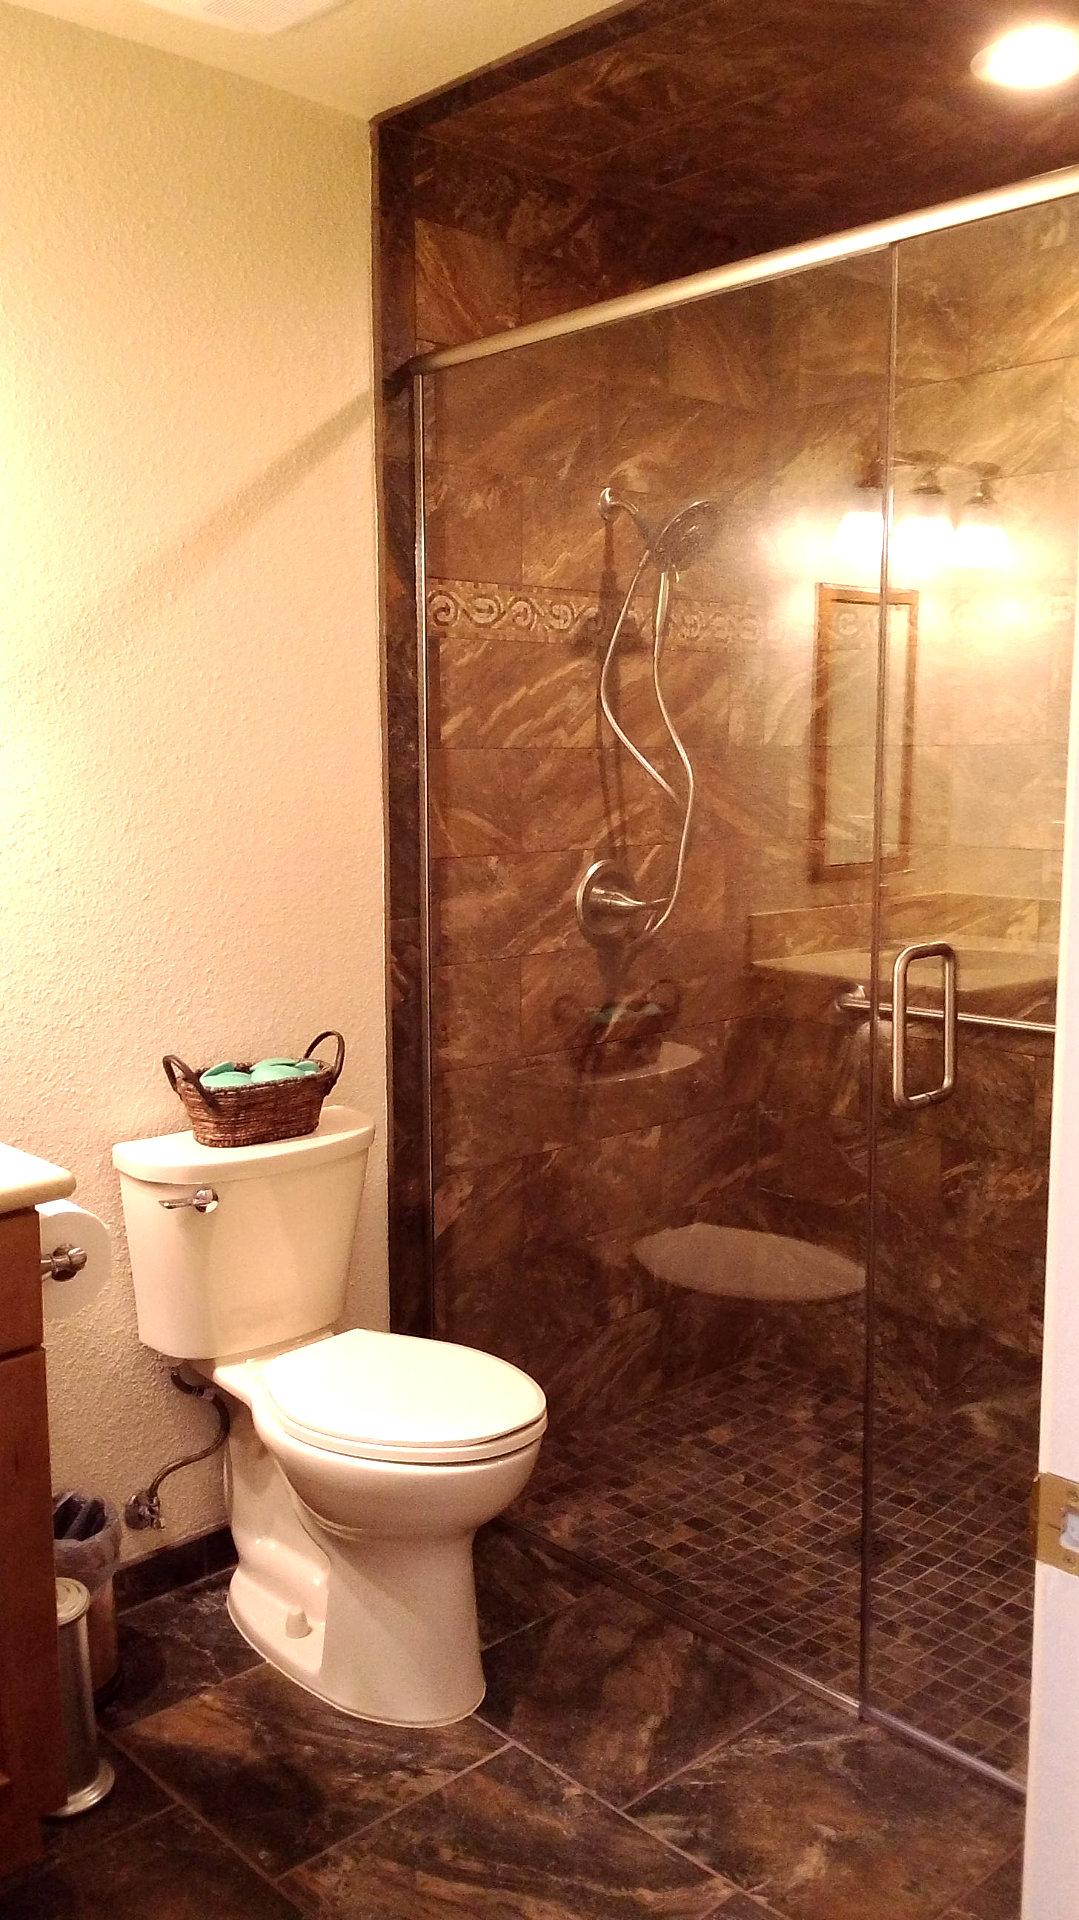 Coordinating Bathroom Floor And Wall Tile : Mr fix it of sierra vista remodeling repair restoration